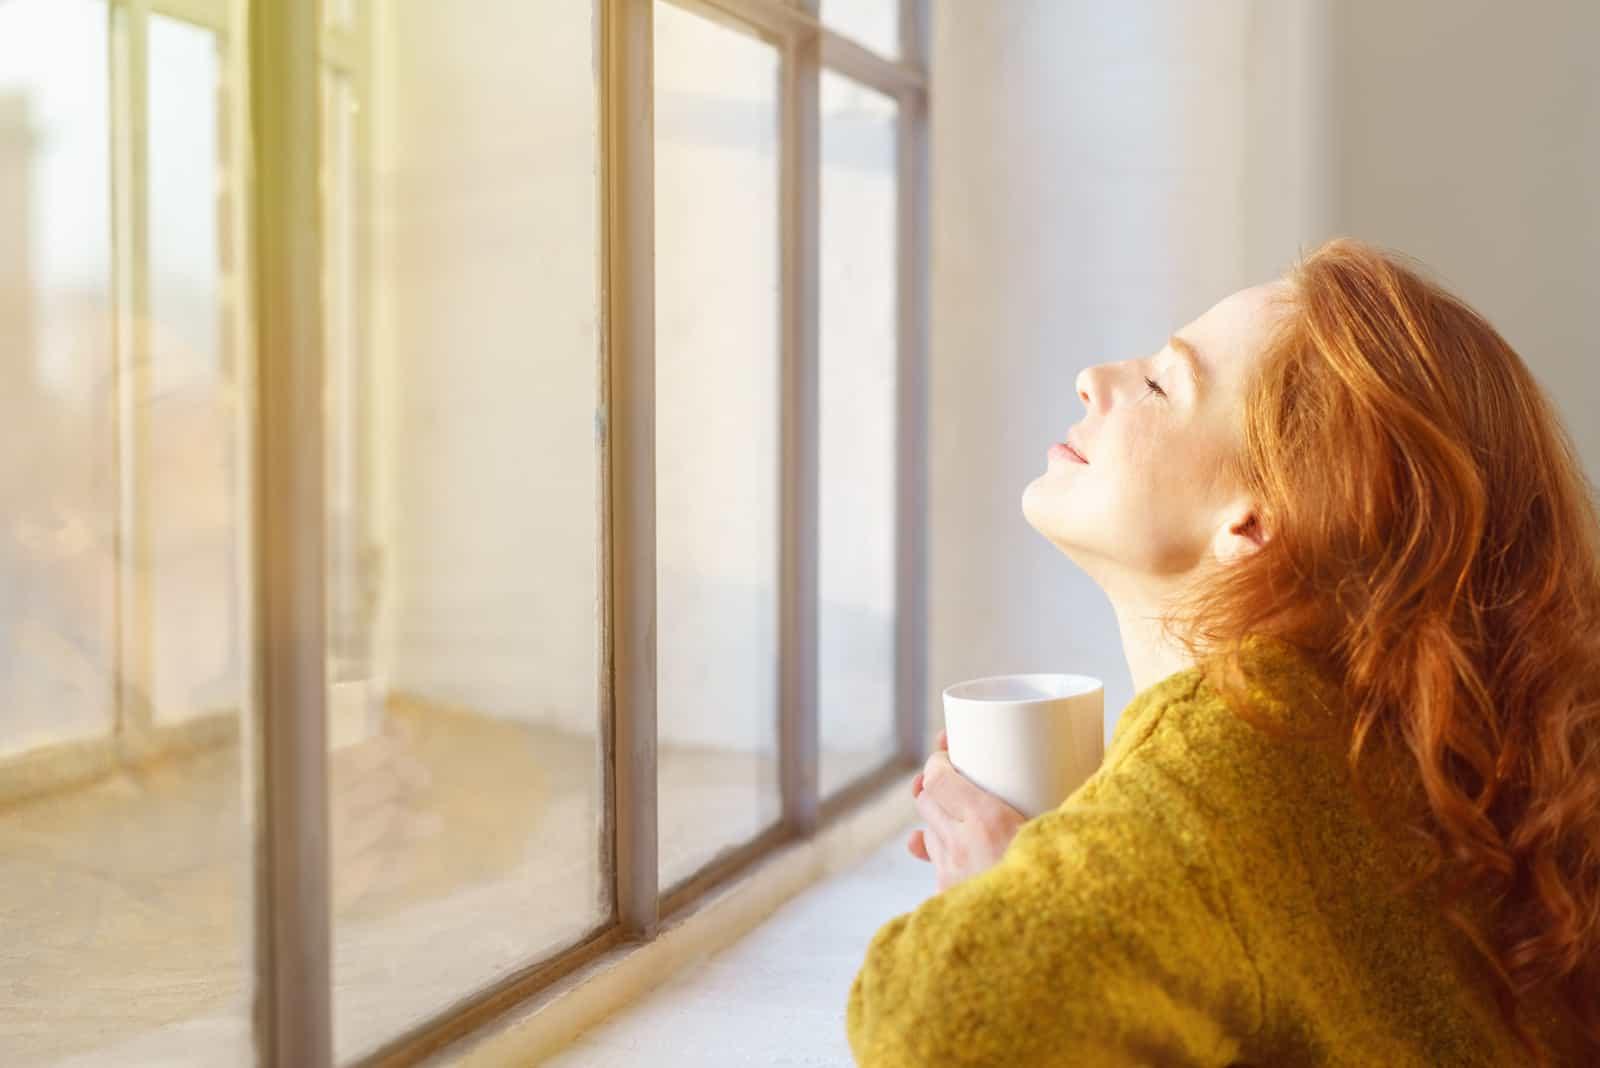 Jeune femme profitant du soleil sur son visage alors qu'elle s'appuie sur un rebord de fenêtre avec sa tête inclinée en arrière et une tasse de café